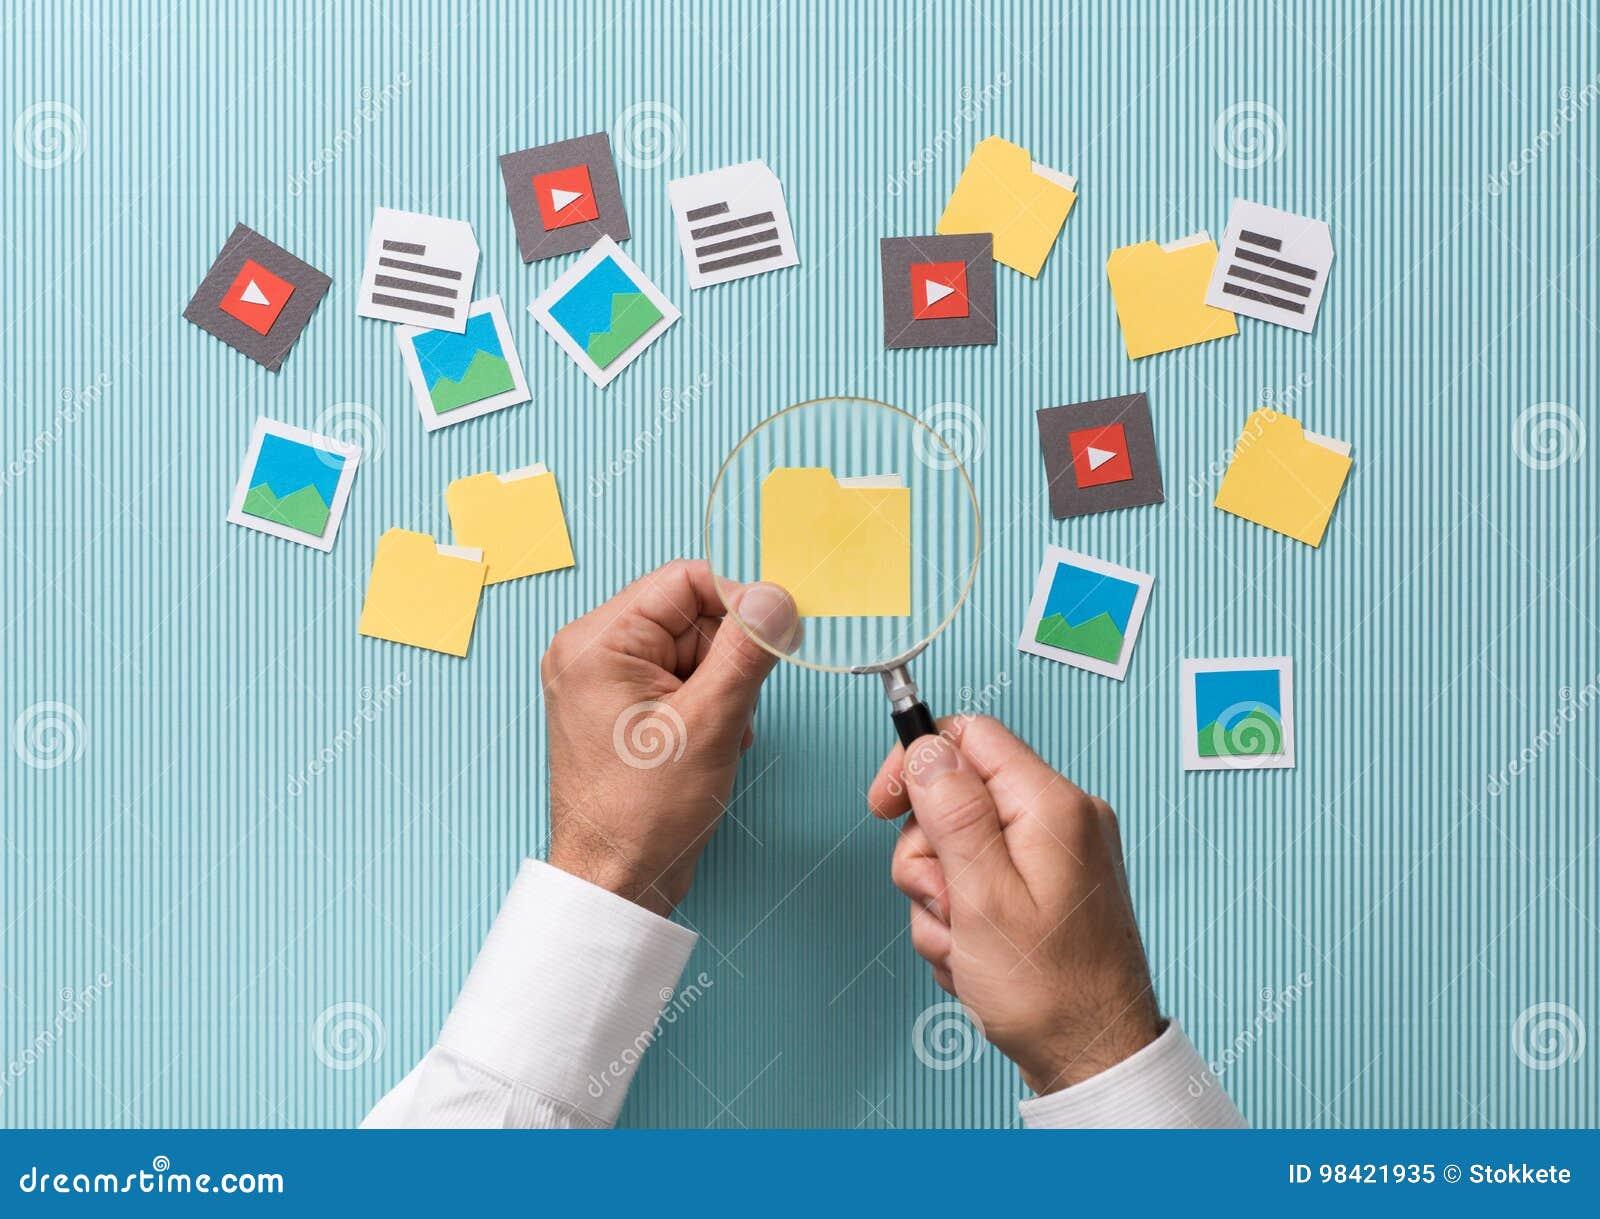 Поиск и анализ файла